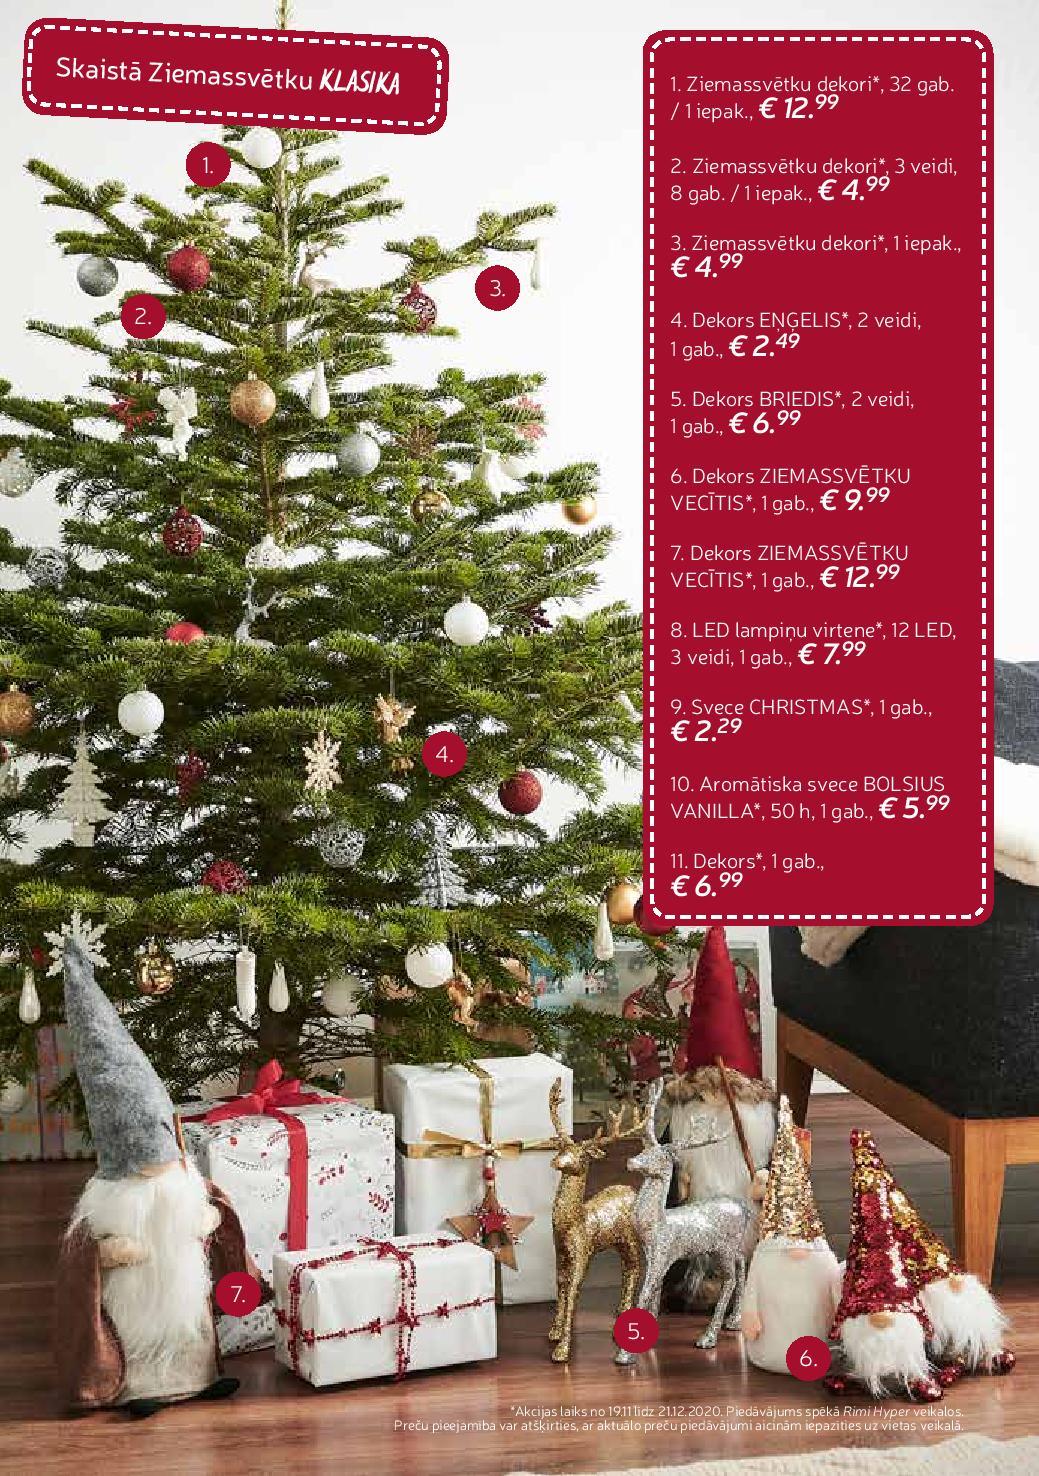 RIMI Ziemassvētku iedvesmai  19.11.2020 - 21.12.2020